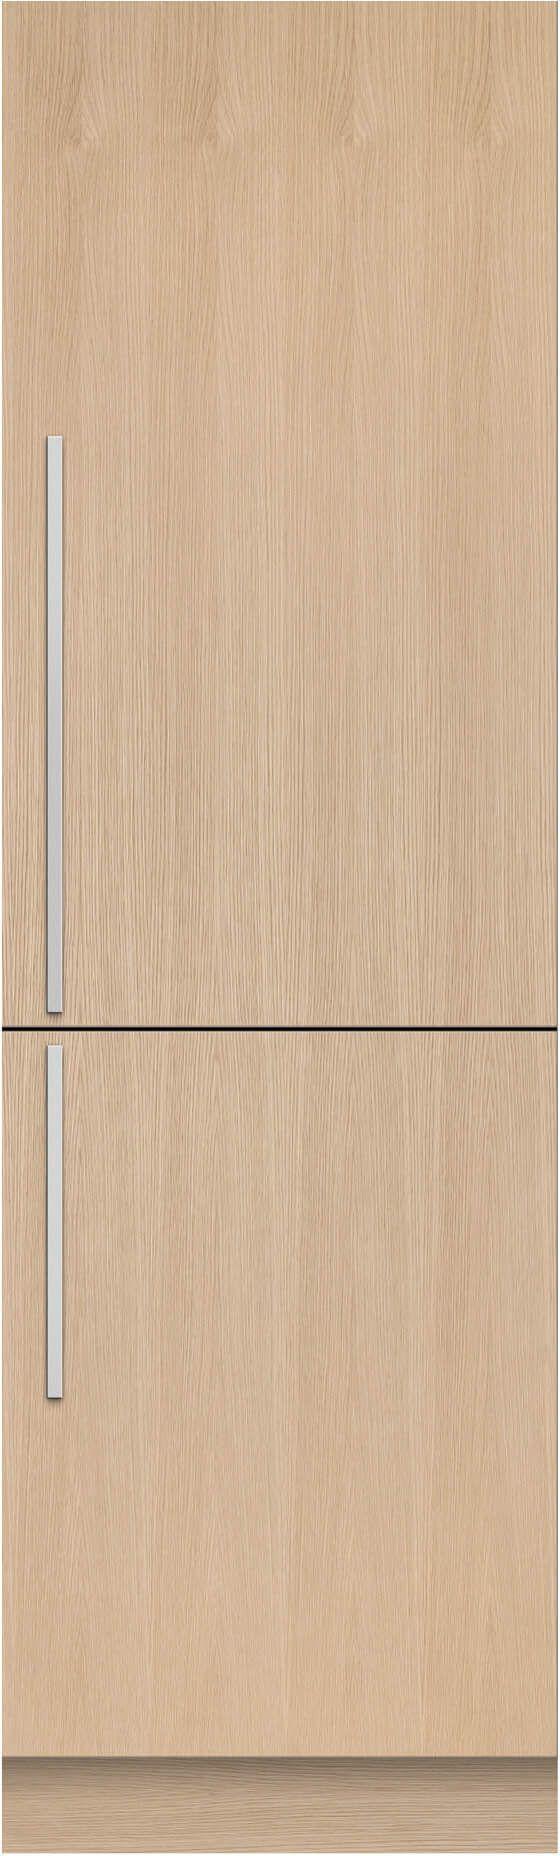 Réfrigérateur à congélateur inférieur de 24 po Fisher Paykel® de 8,0 pi³ - Prêt pour le panneau-RB2470BRV1